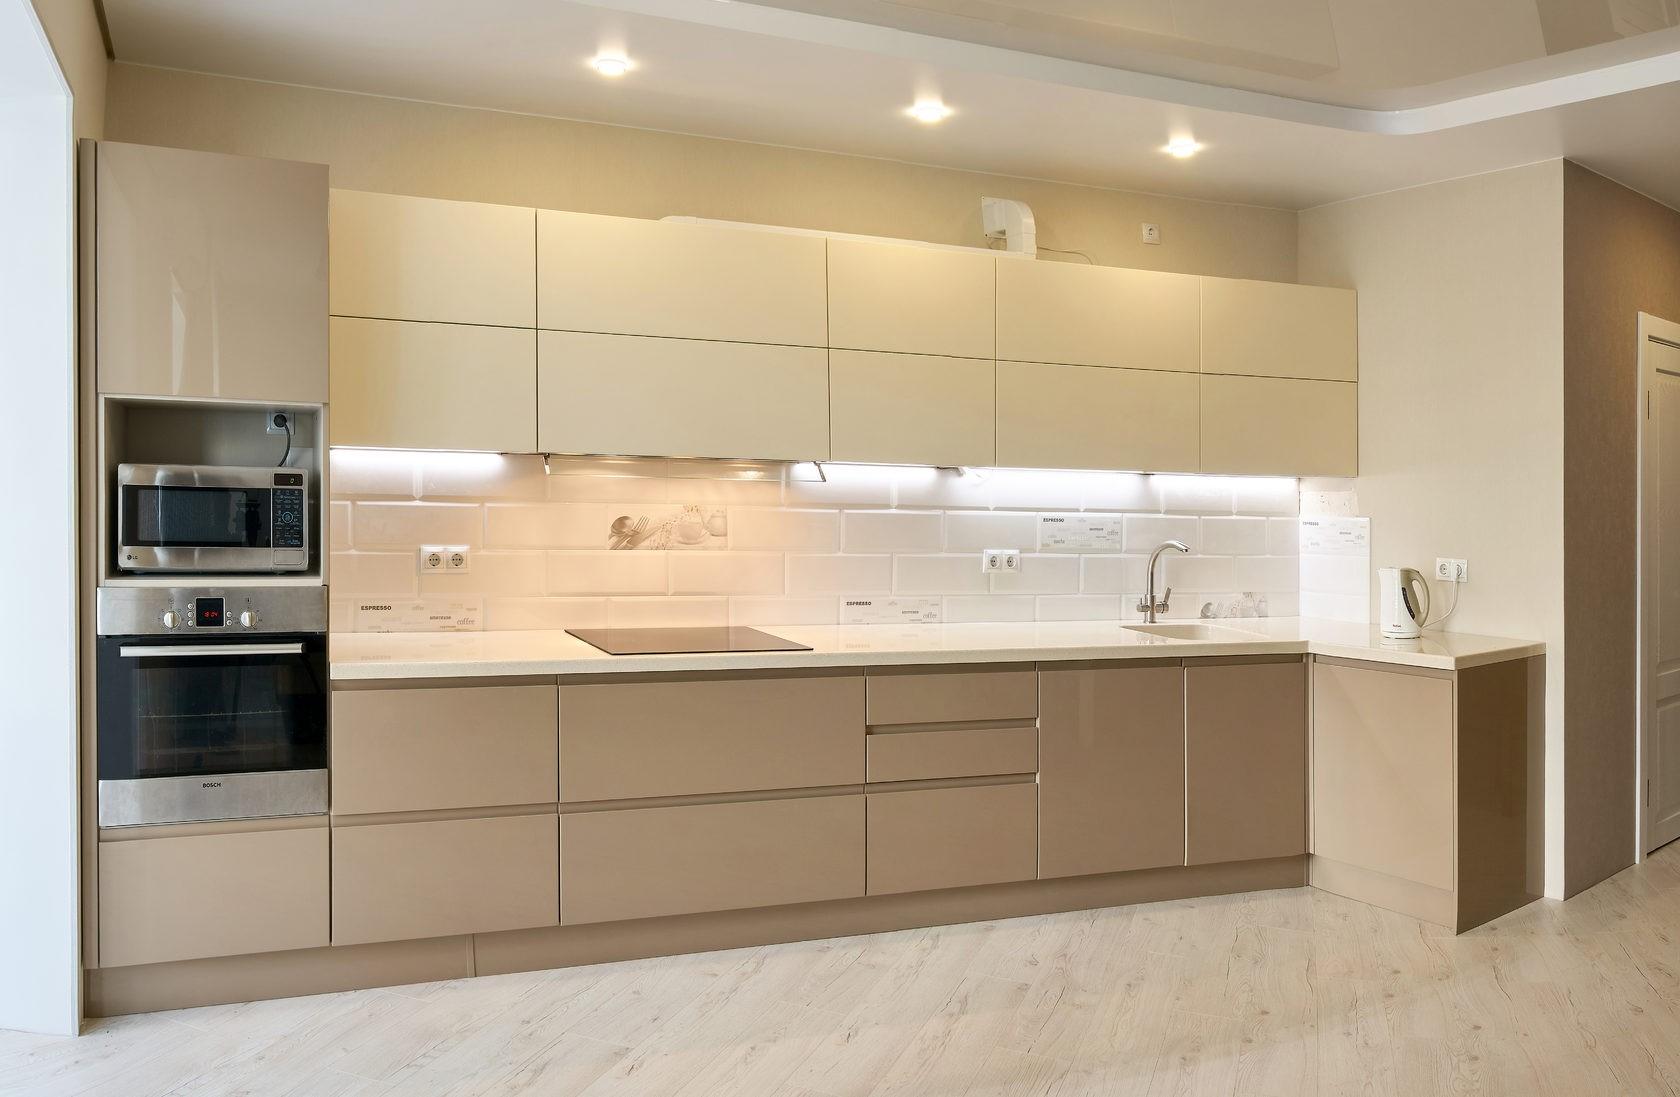 Дизайн бежевой кухни - с чем сочетать и как оформить интерьер